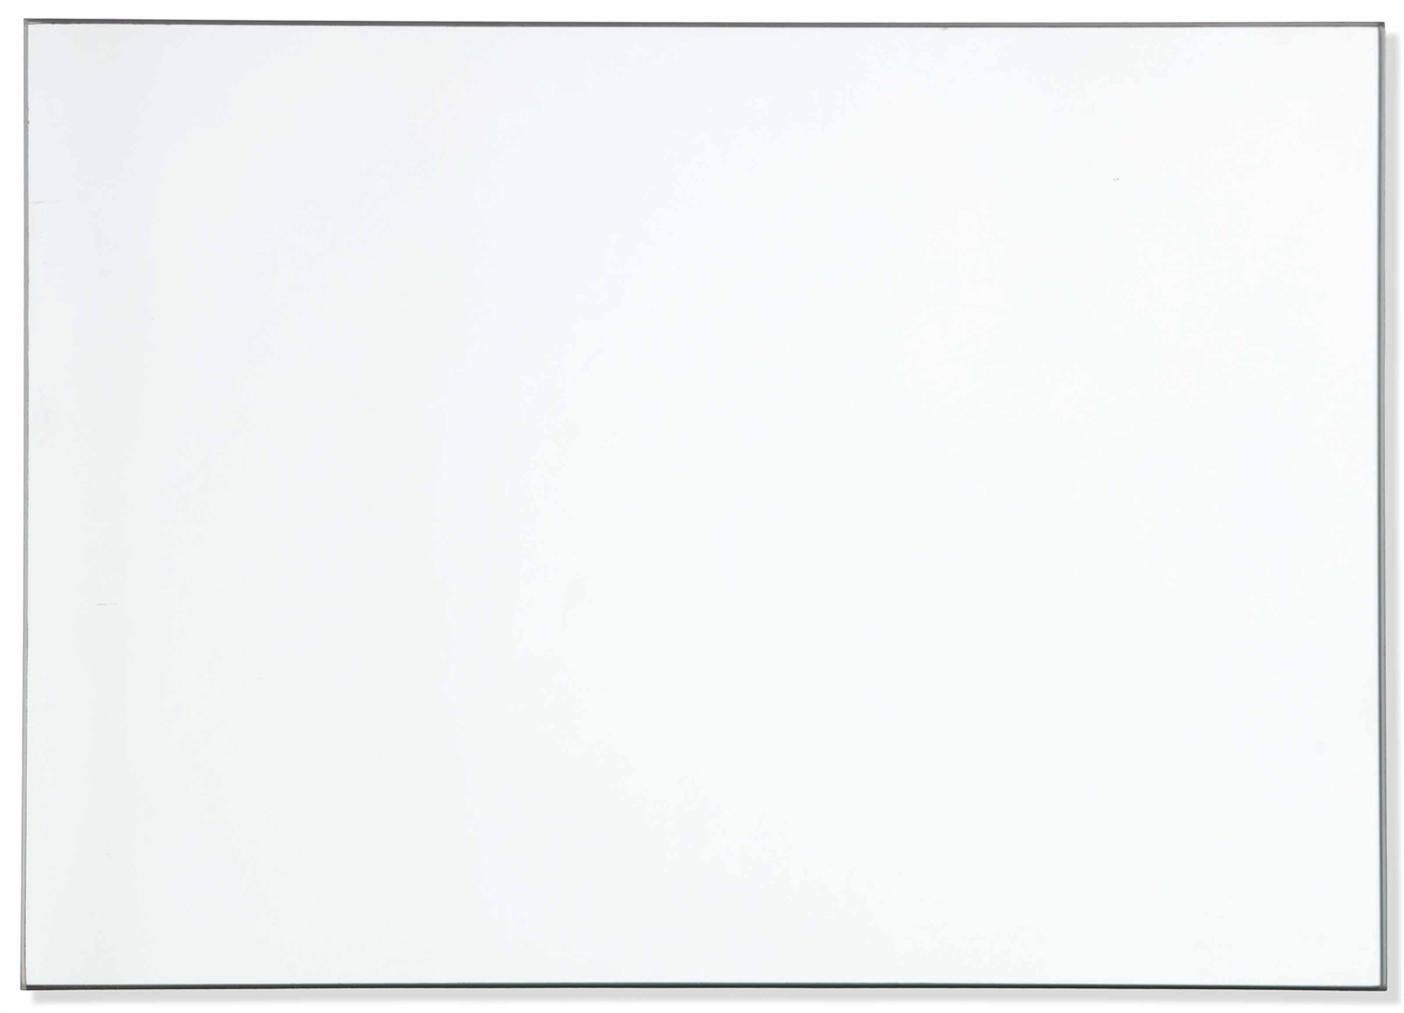 Gerhard Richter-Spiegel (Mirror)-1986